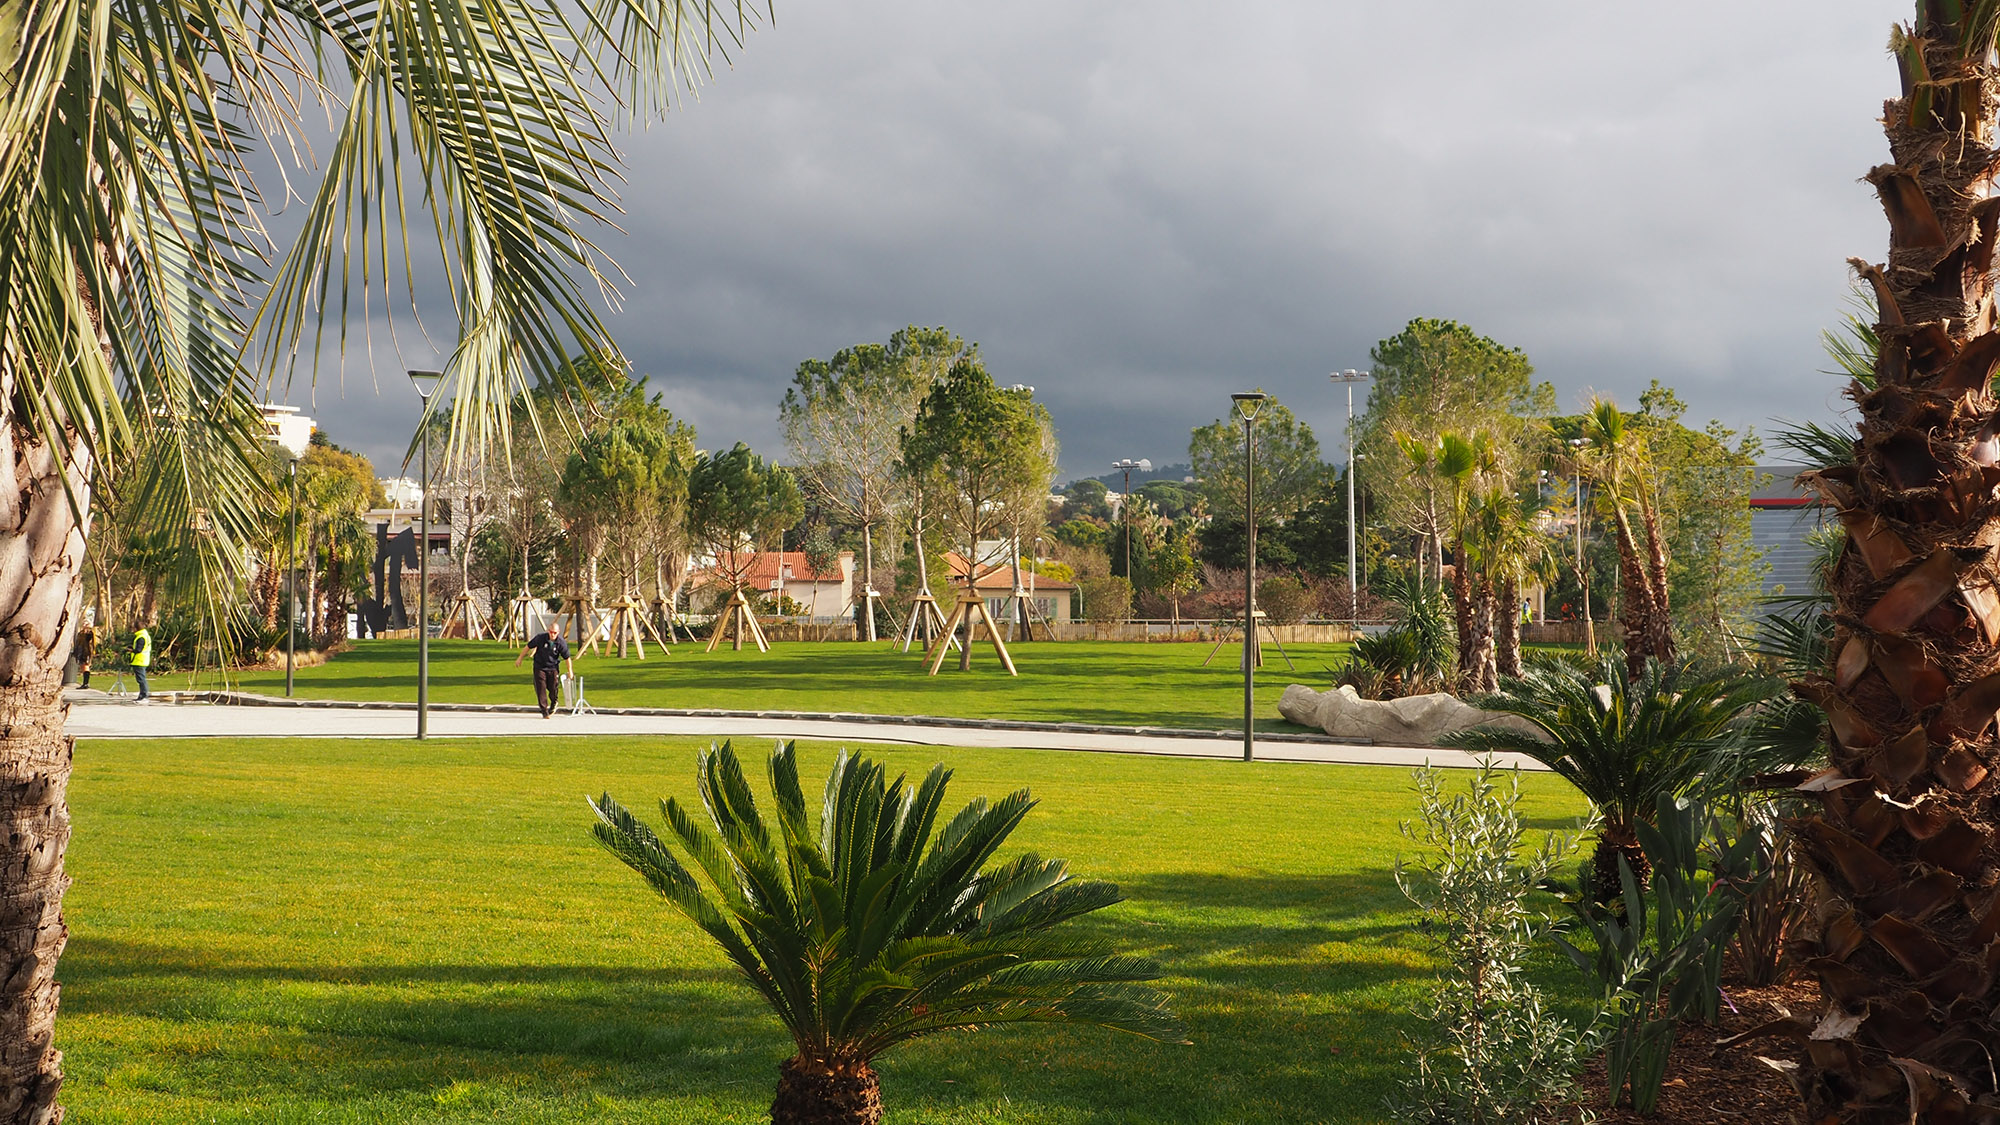 Parc du Ray - Nice - La grande pelouse